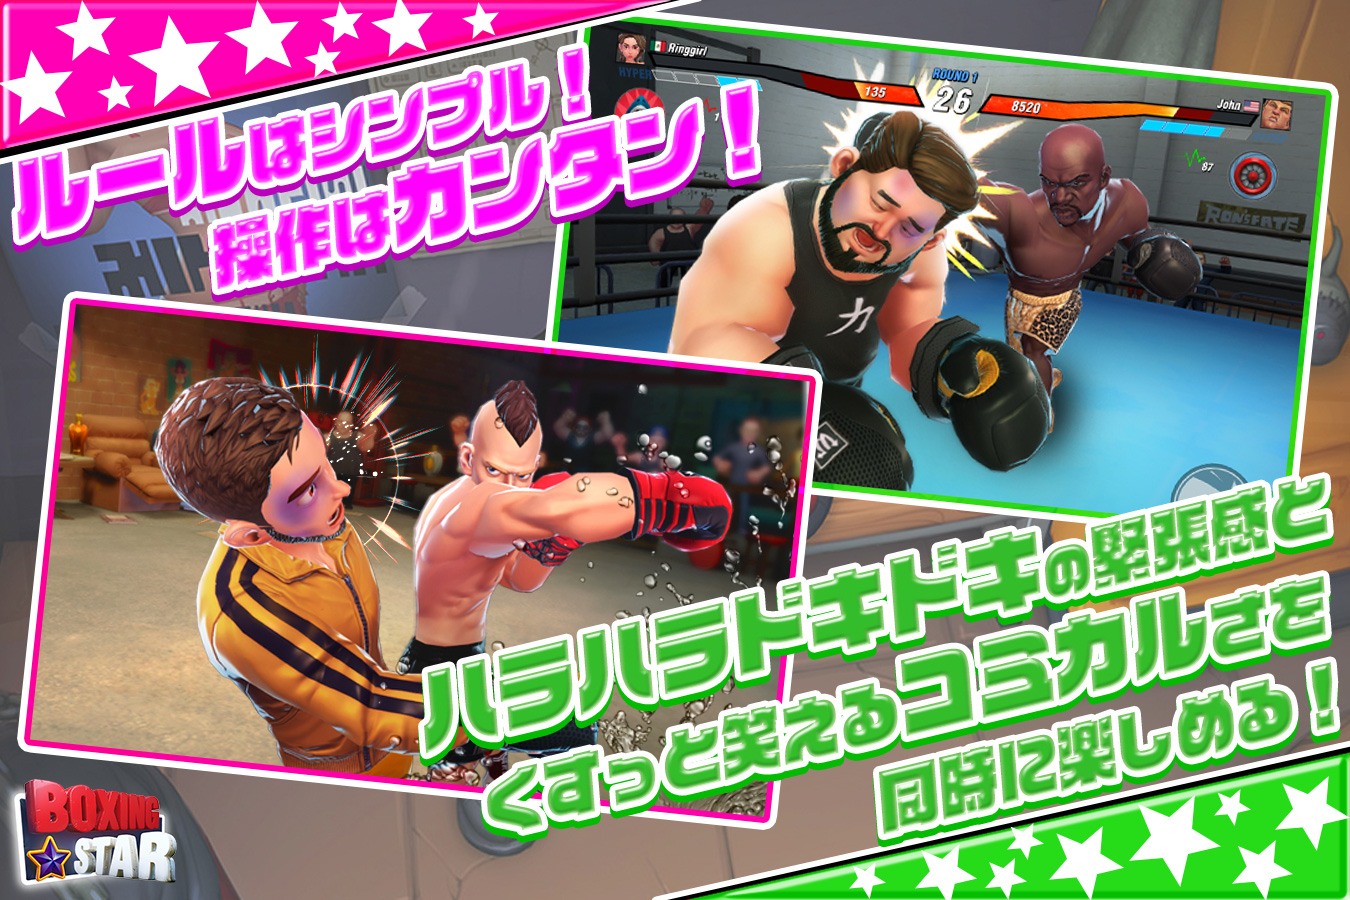 オリジナルHIPHOPサウンドが楽しめる『ボクシングスター』今年夏配信予定!事前登録も開始!